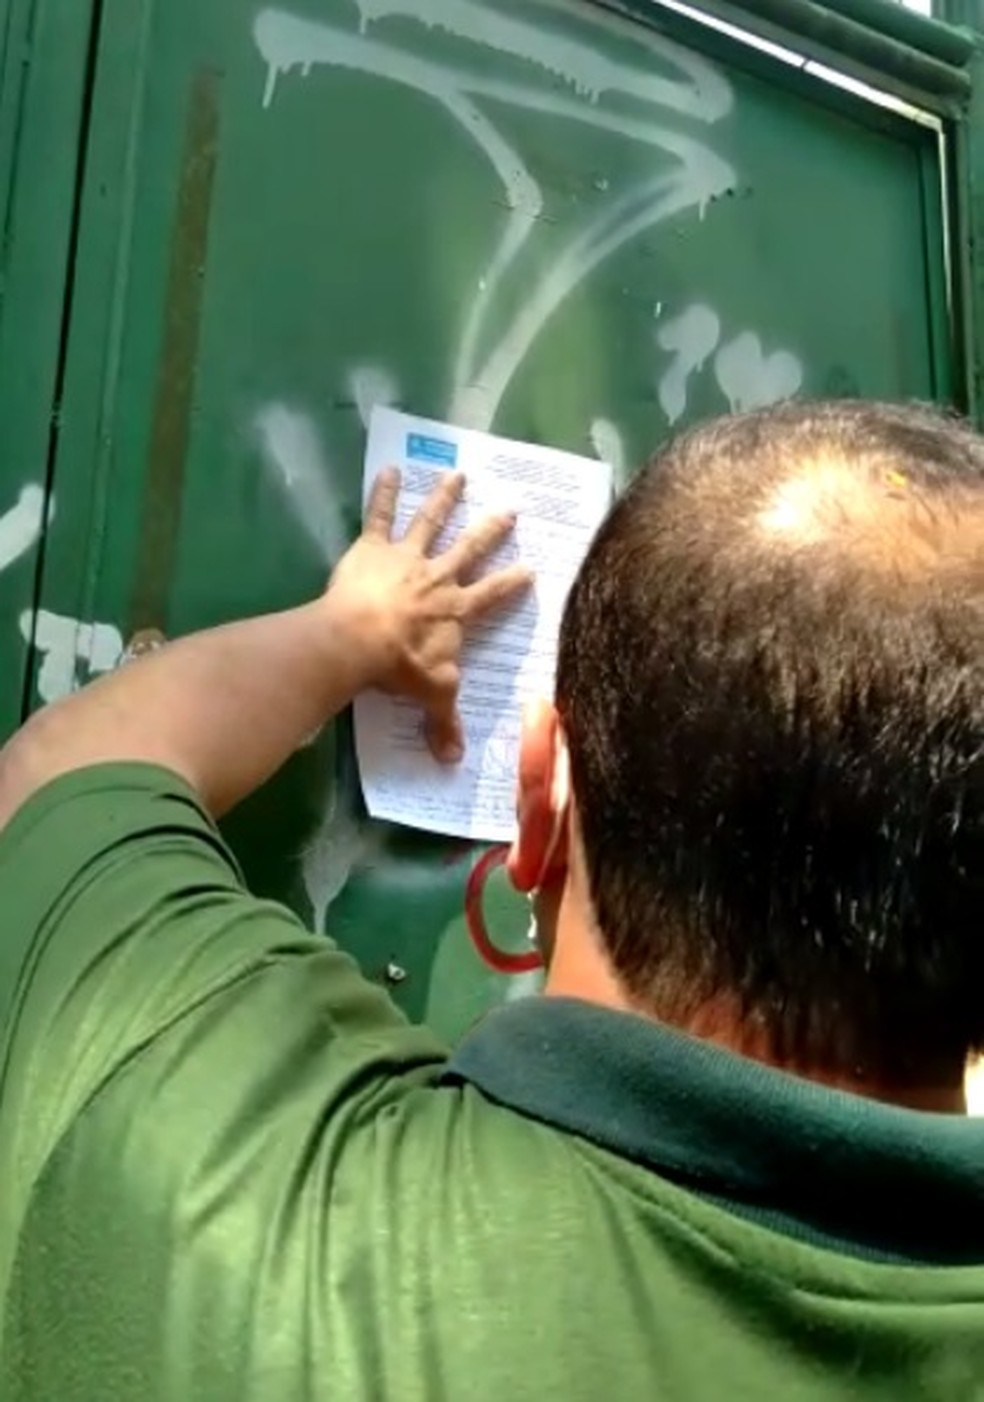 Fiscal da Secretaria Municipal de Meio Ambiente interdita obra na Tijuca, Zona Norte do Rio — Foto: Reprodução/ Redes sociais